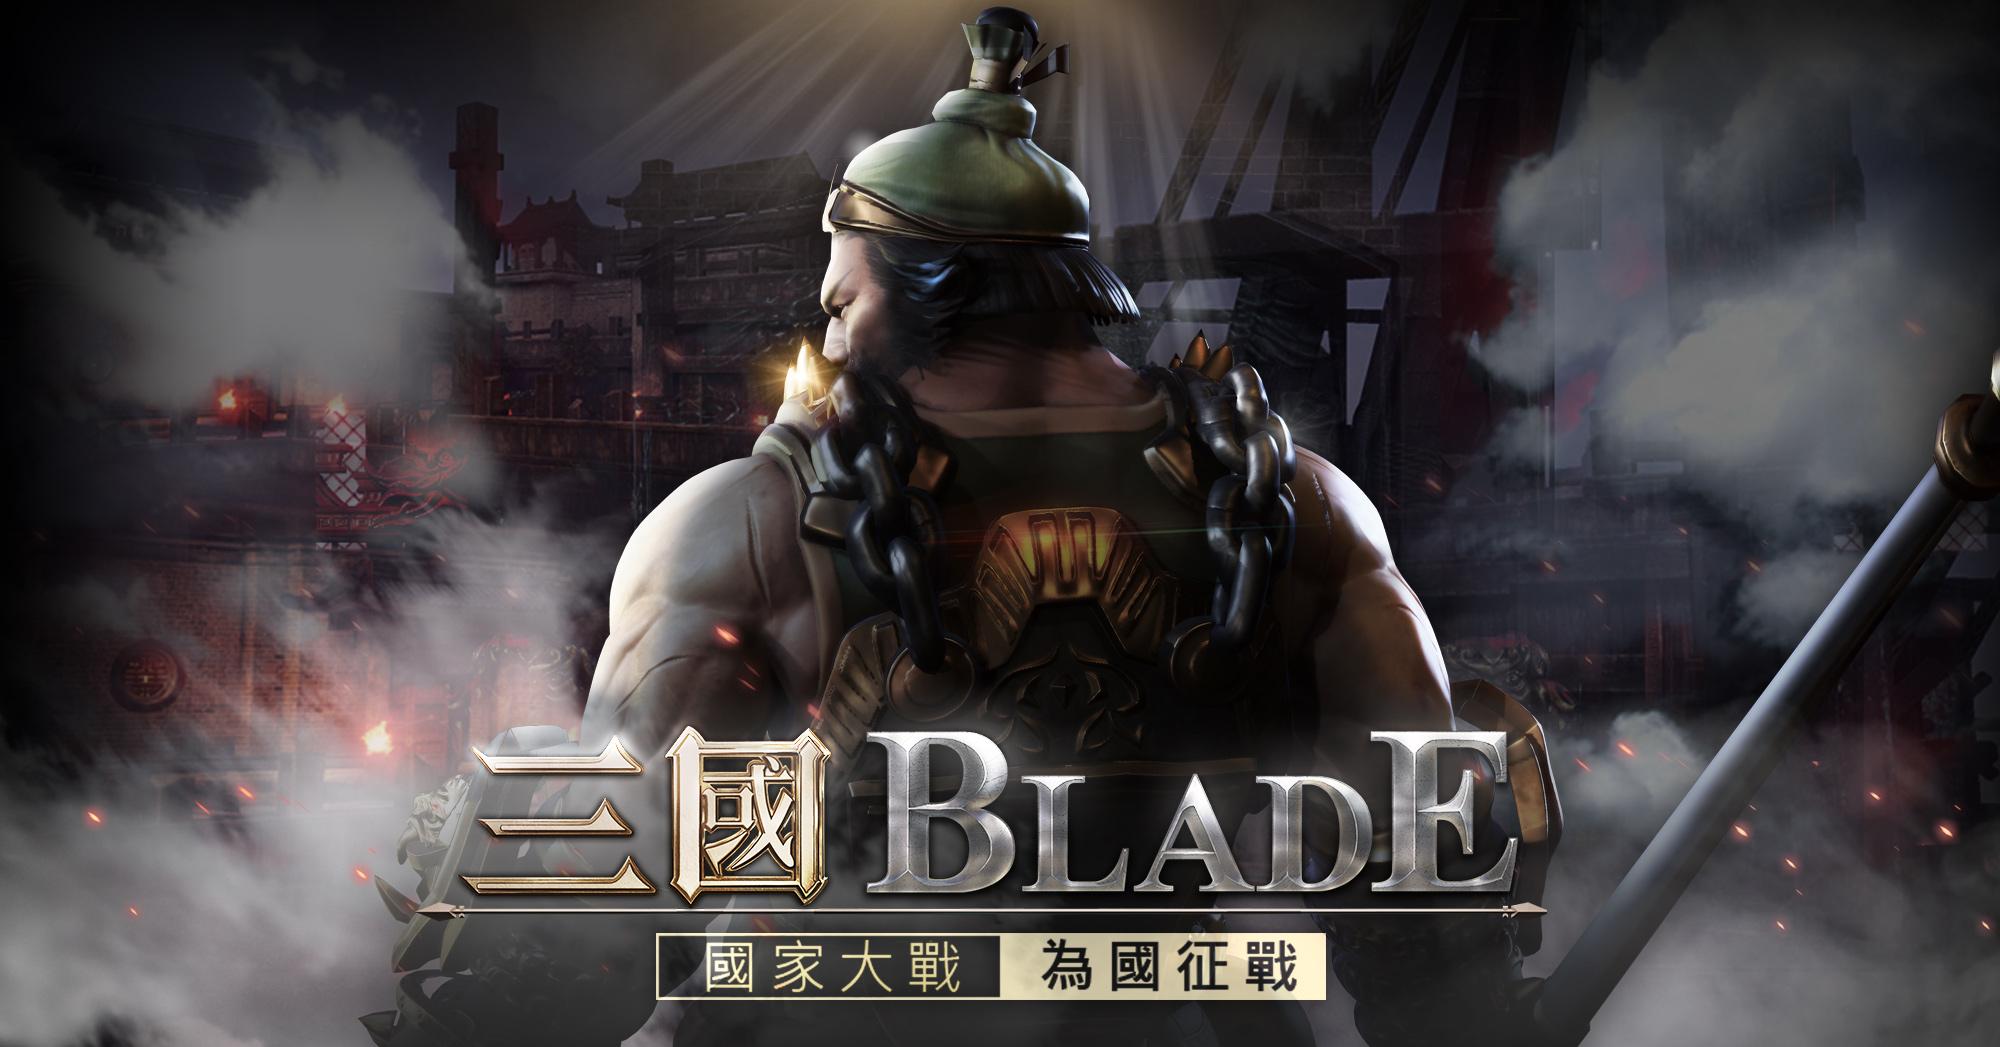 國家大戰即刻開戰 《三國BLADE》新版本釋出 全新副將系統與新武將資訊大揭密